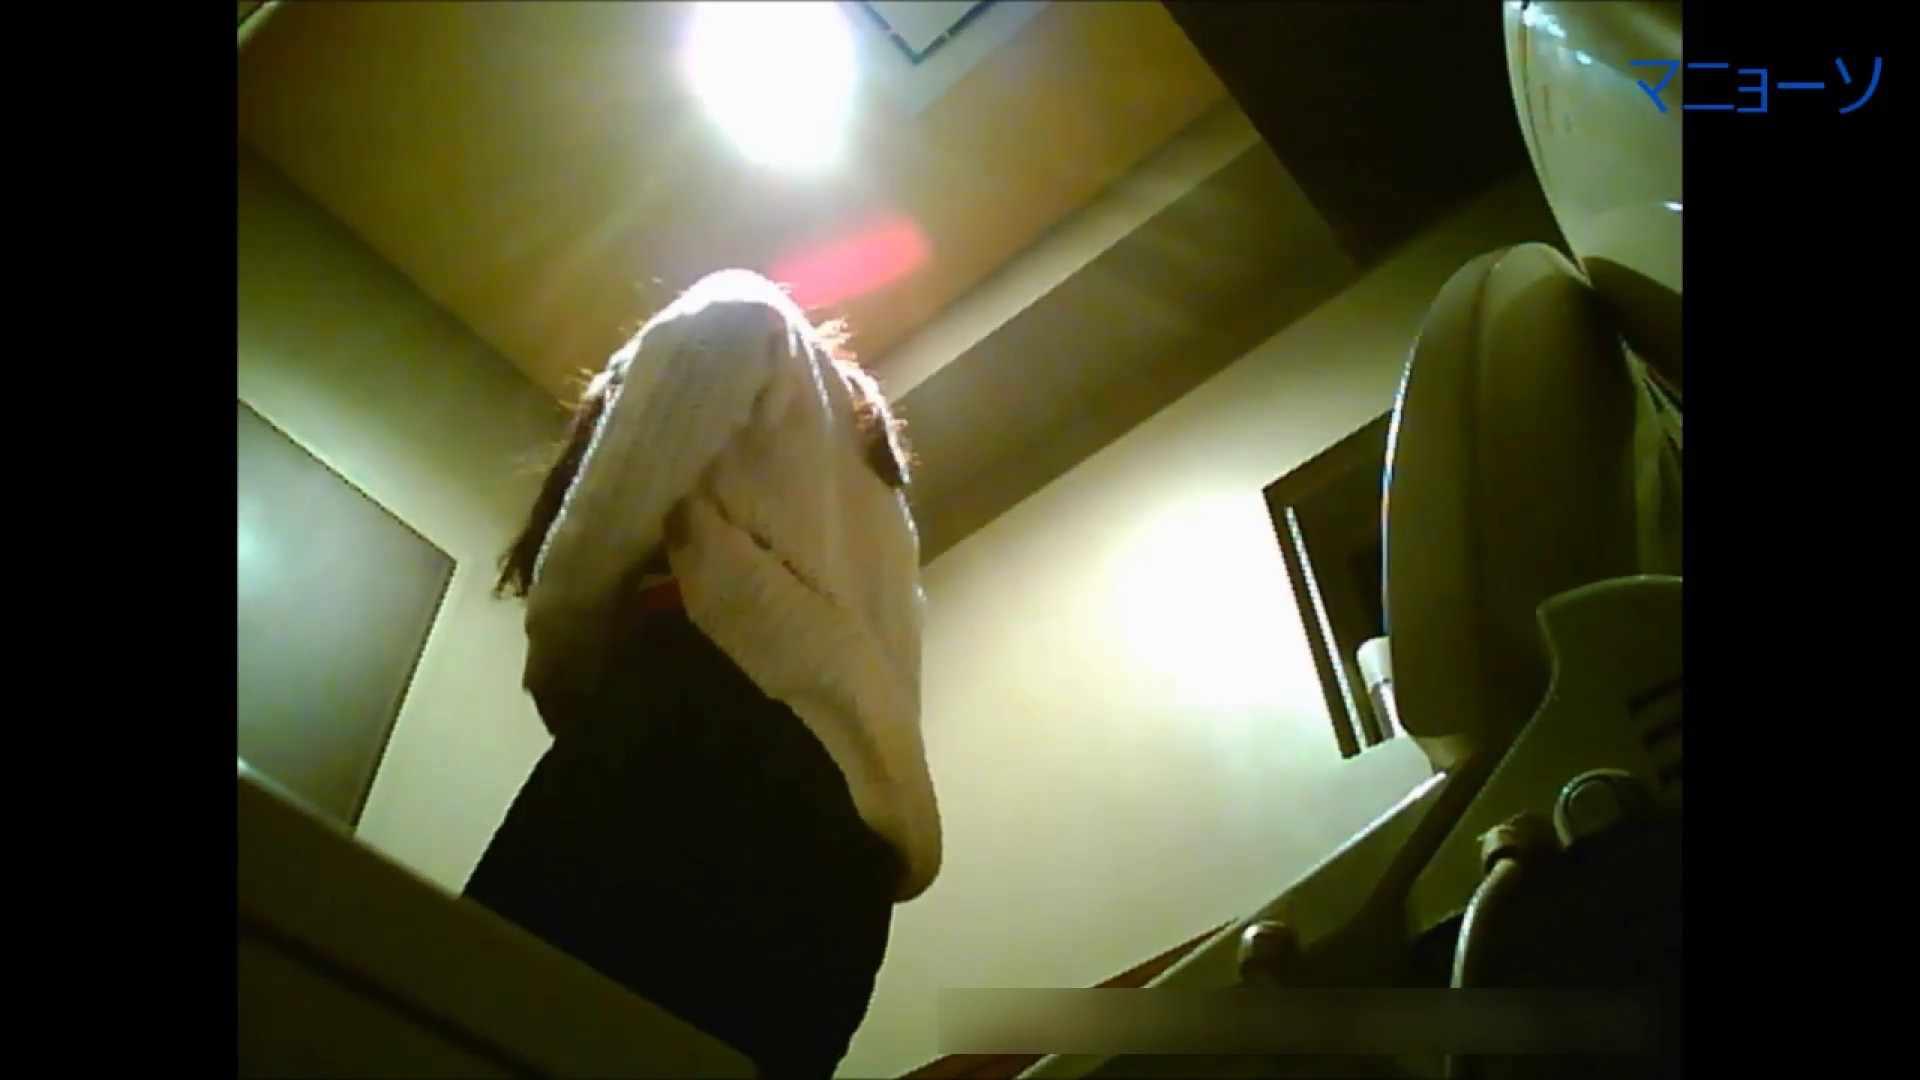 トイレでひと肌脱いでもらいました (JD編)Vol.01 OL  93pic 87